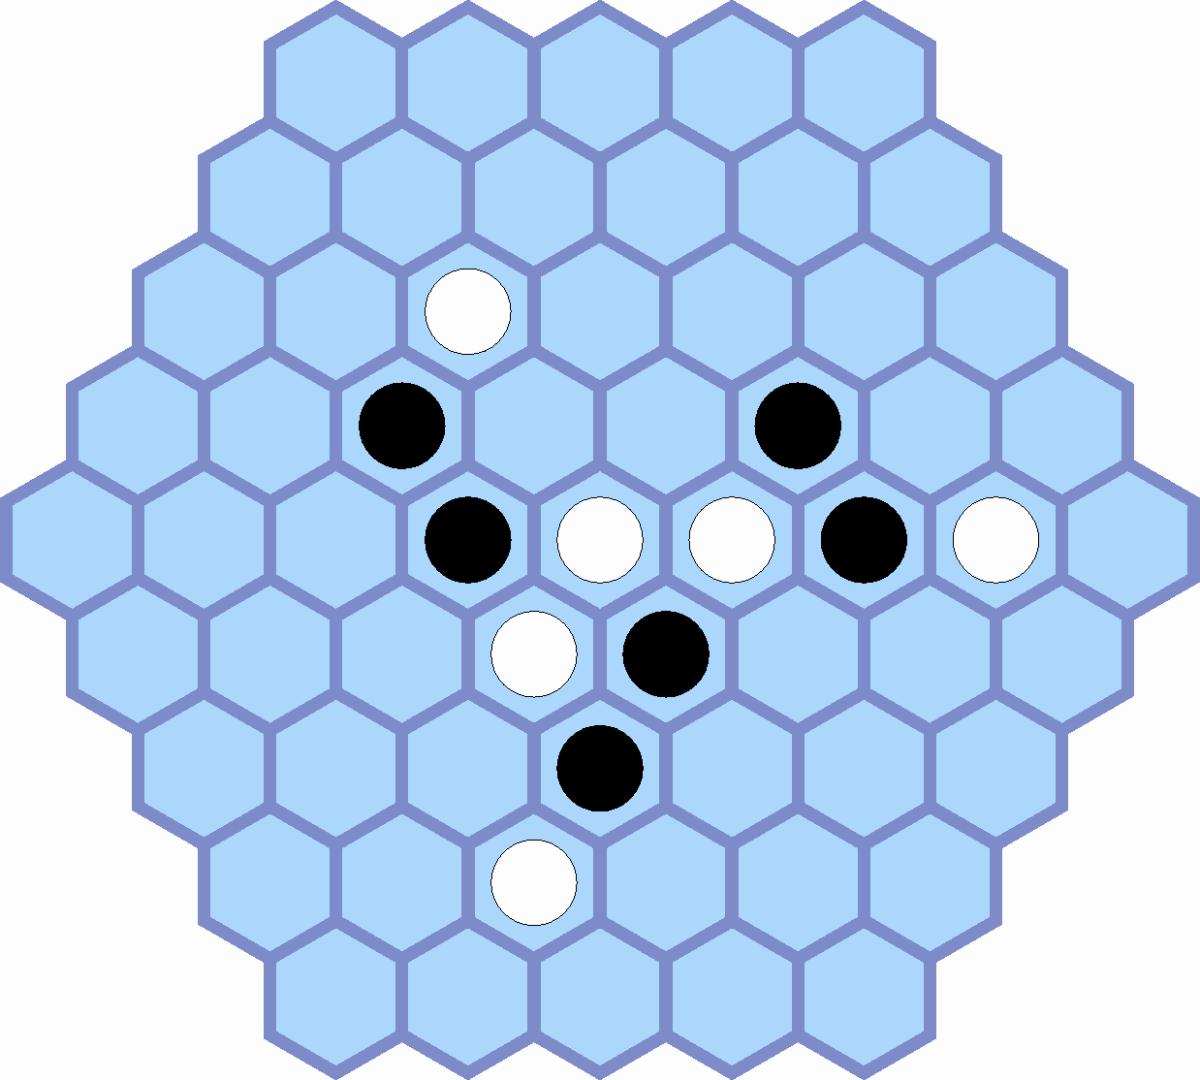 Honeycomb - Beekeeper